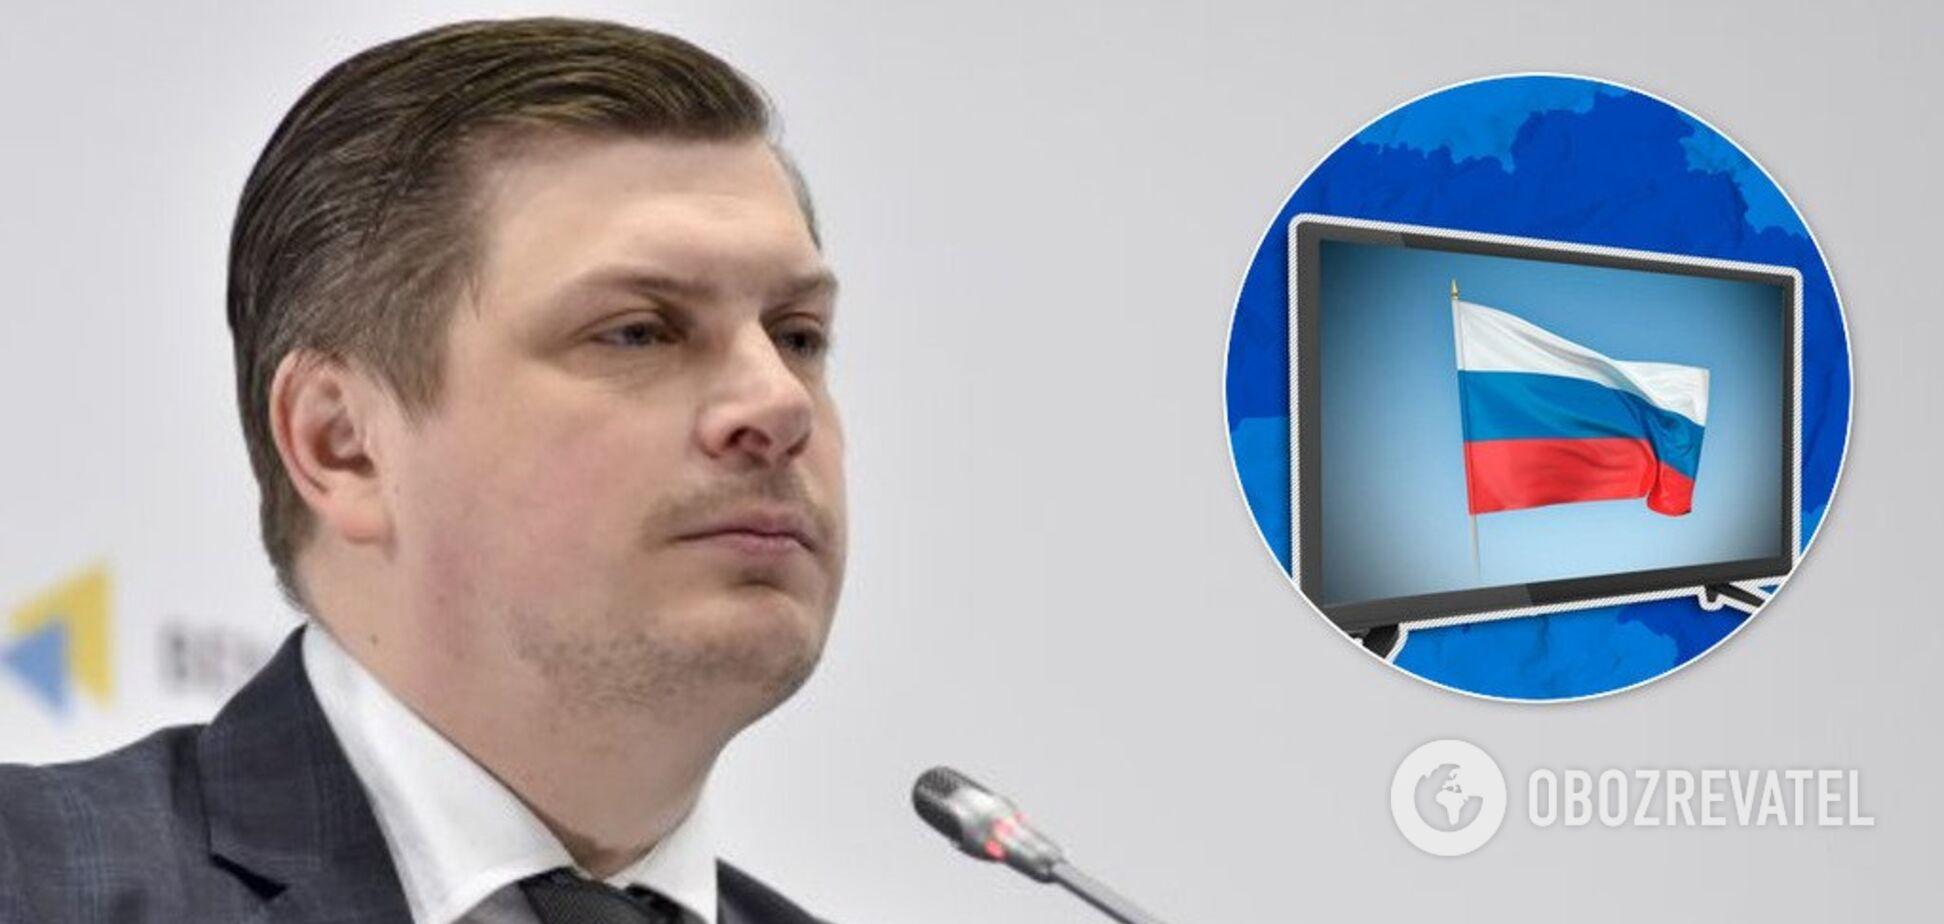 'Нужен русскоязычный канал!' В Нацсовете прокомментировали скандальную идею